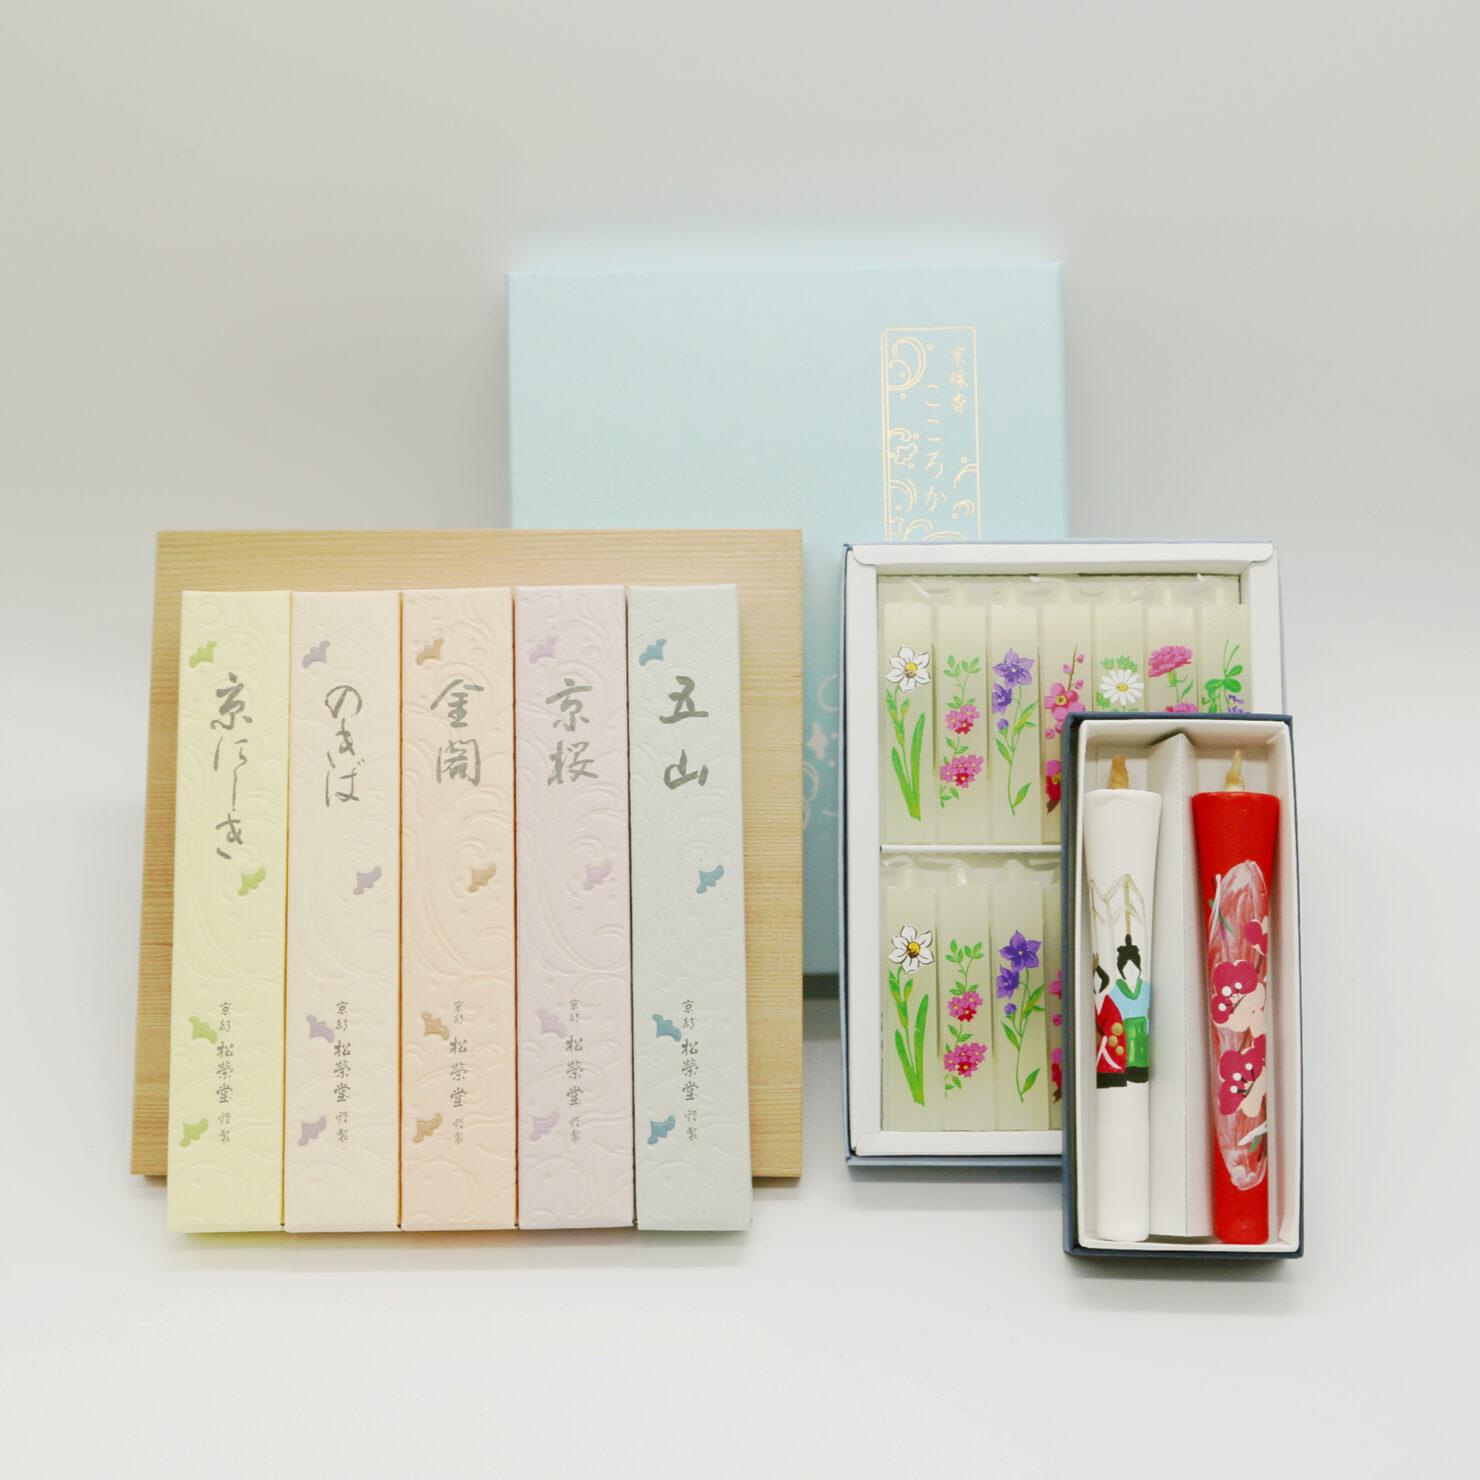 若林佛具製作所 京都本店 お線香 和蝋燭